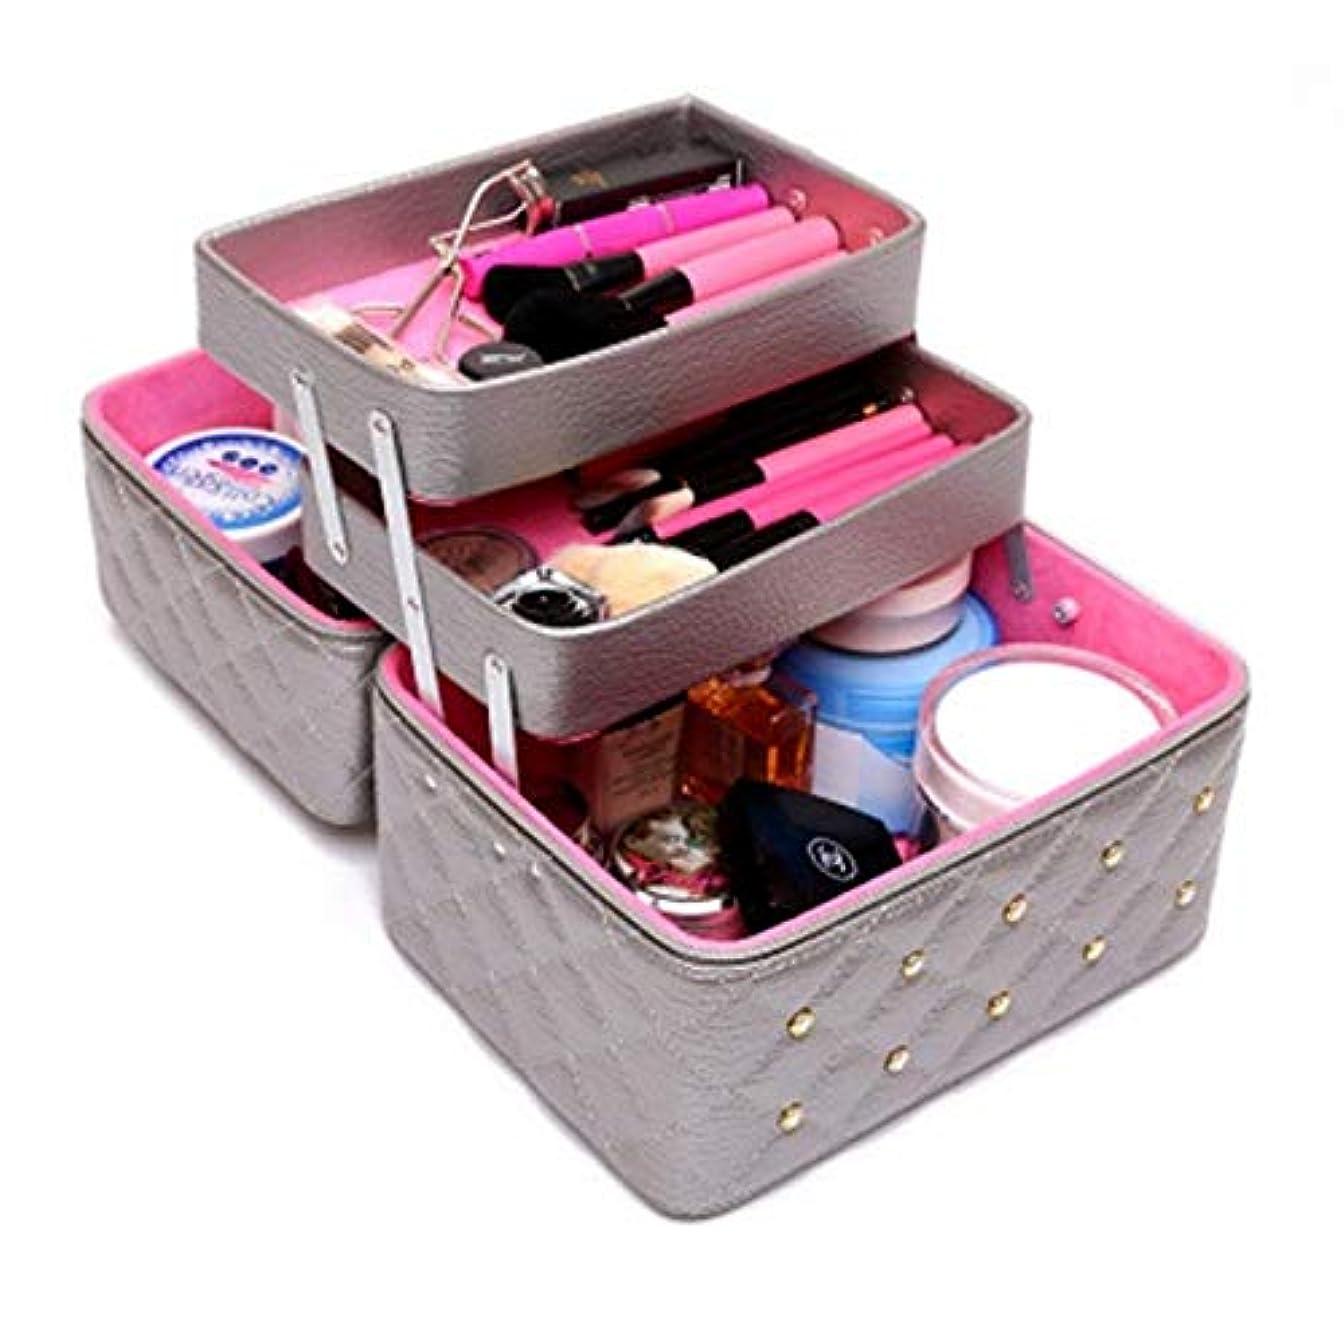 潜在的な極貧経験持ち運びできる メイクボックス 大容量 取っ手付き コスメボックス 化粧品収納ボックス 収納ケース 小物入れ (ライトグレー)